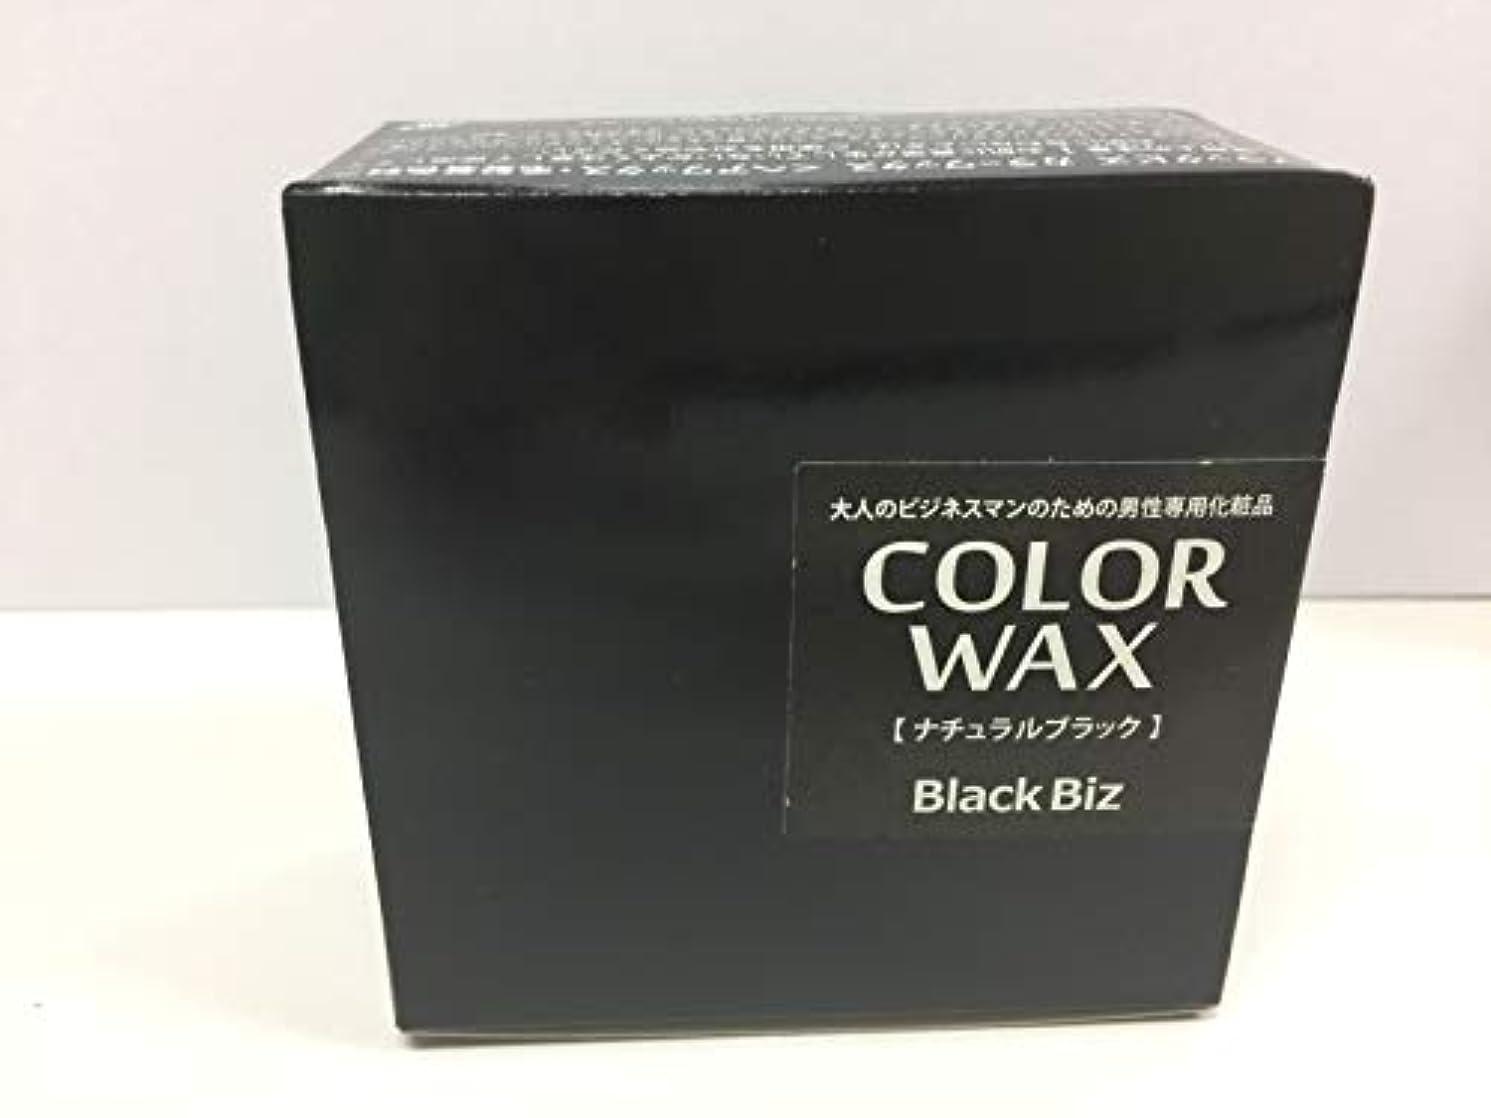 承認するパイル美的大人のビジネスマンのための男性専用化粧品 BlackBiz COLOR WAX ブラックビズ カラーワックス 【ナチュラルブラック】